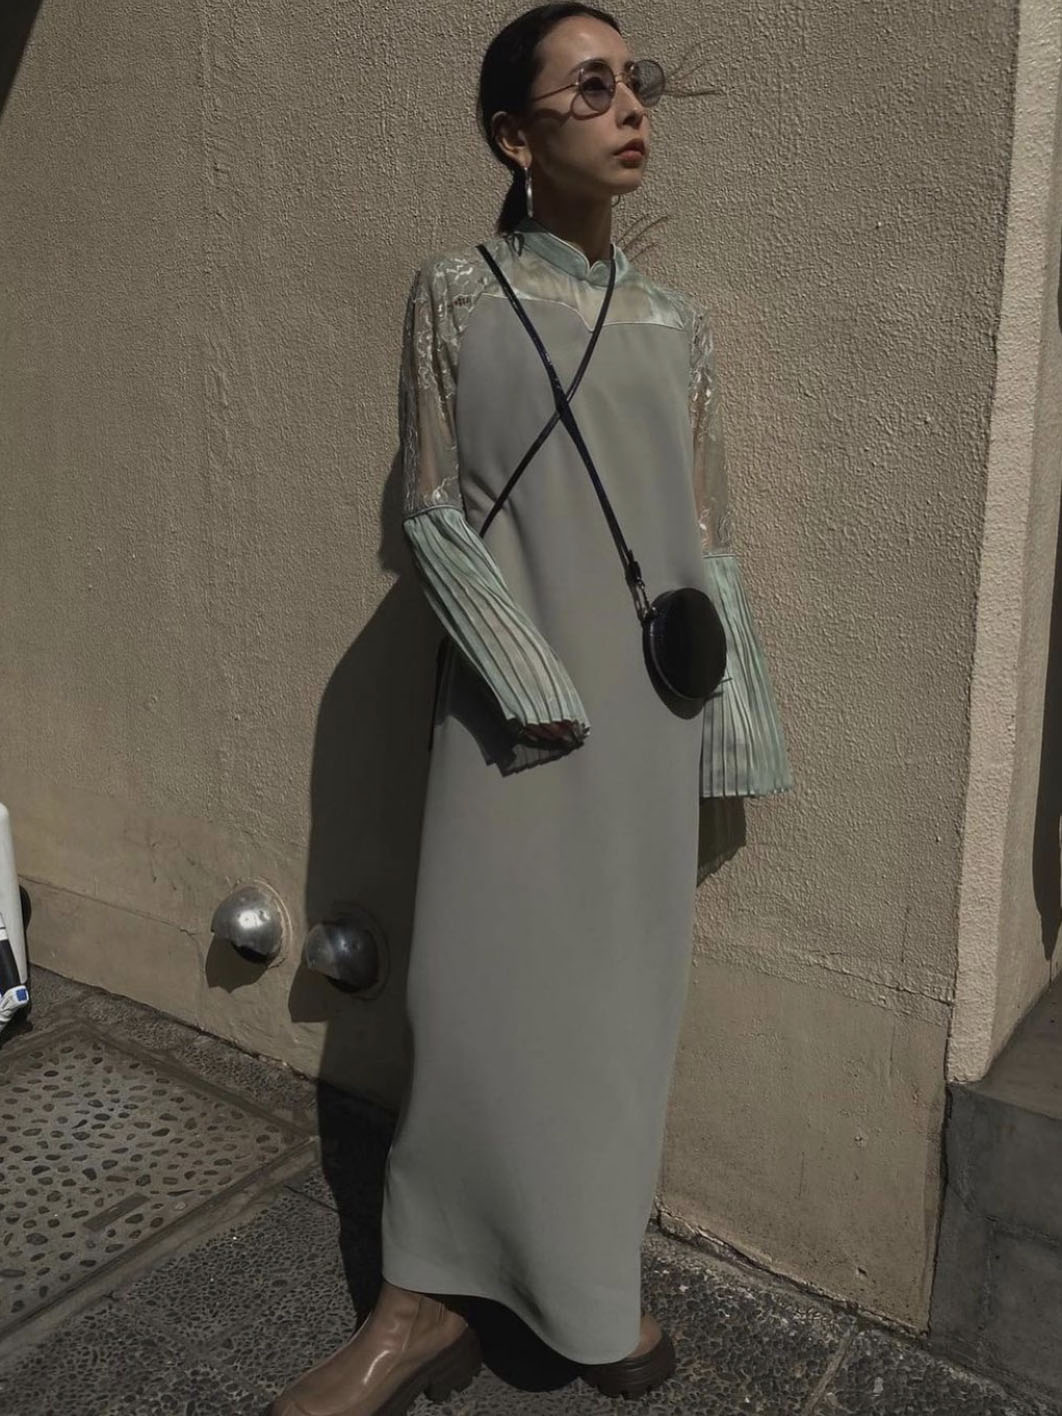 NAO_PIAO LIANG LACE DRESS